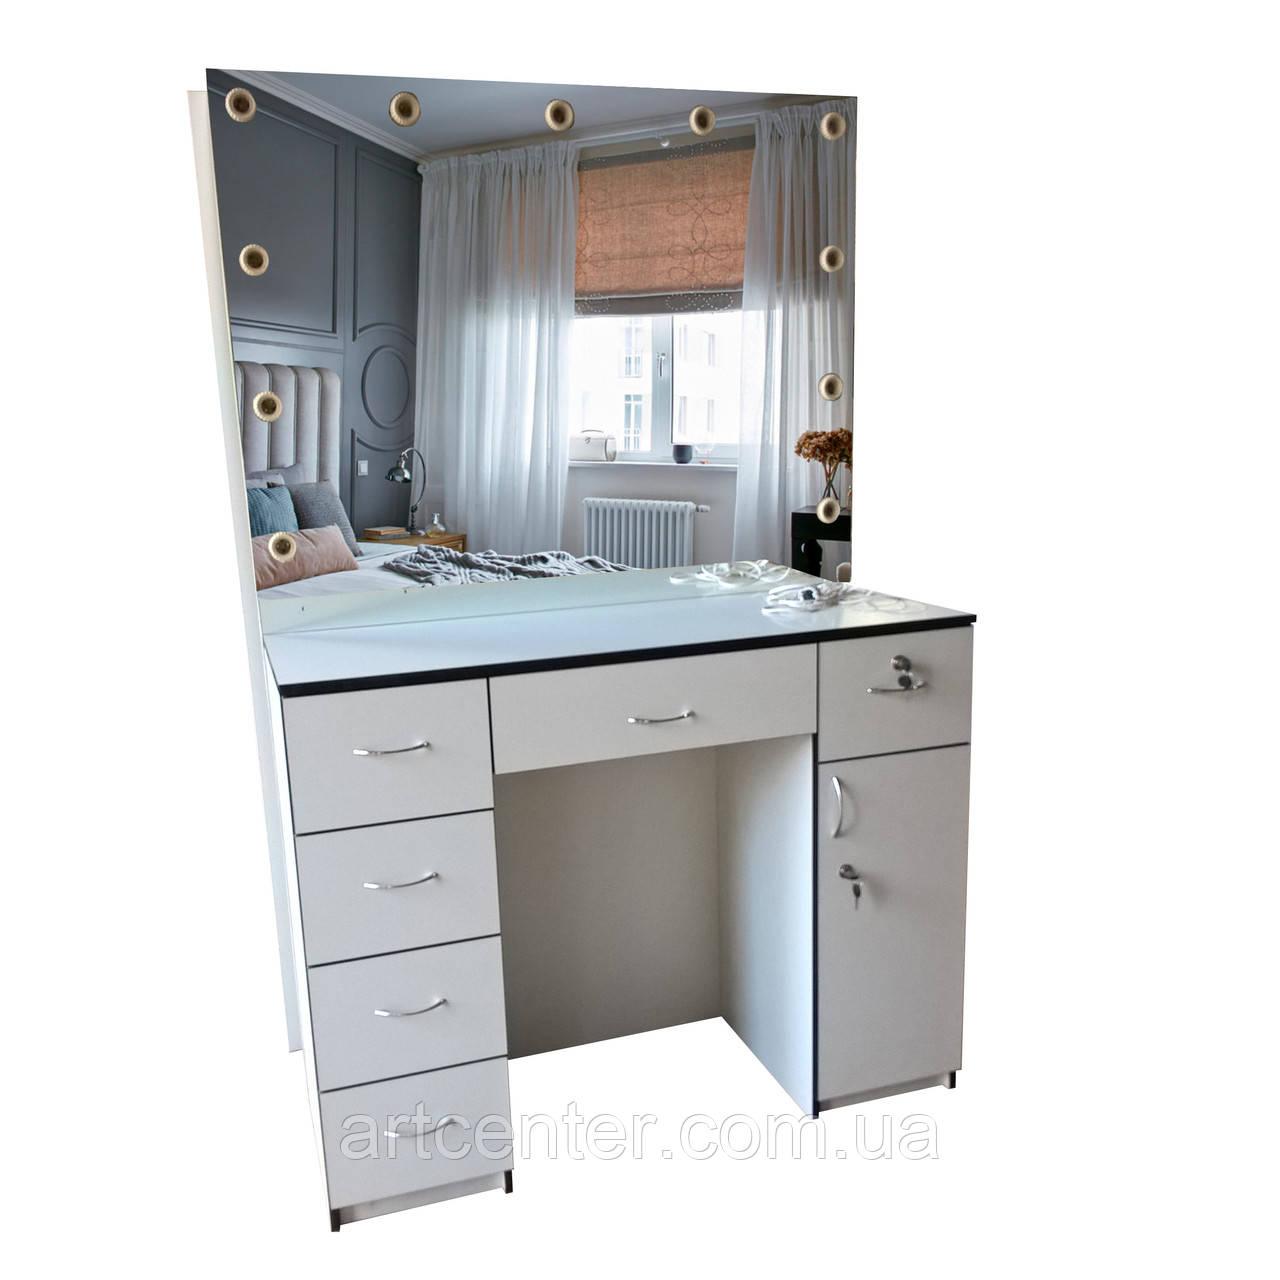 Стол для визажиста, туалетный столик с выдвижными ящиками и подсветкой зеркала